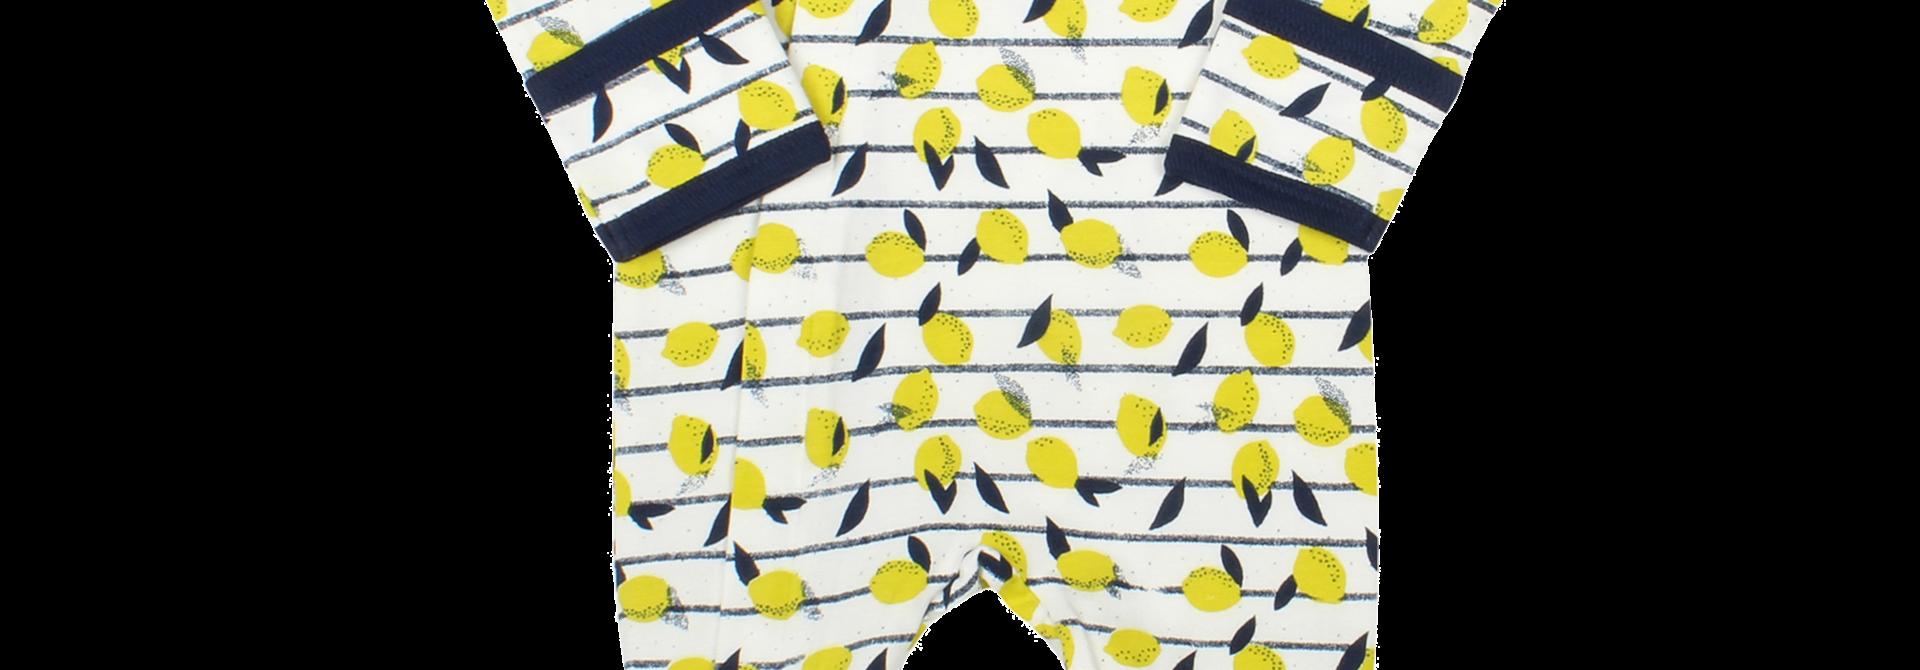 Pyjama Zipper - Limonade Doré